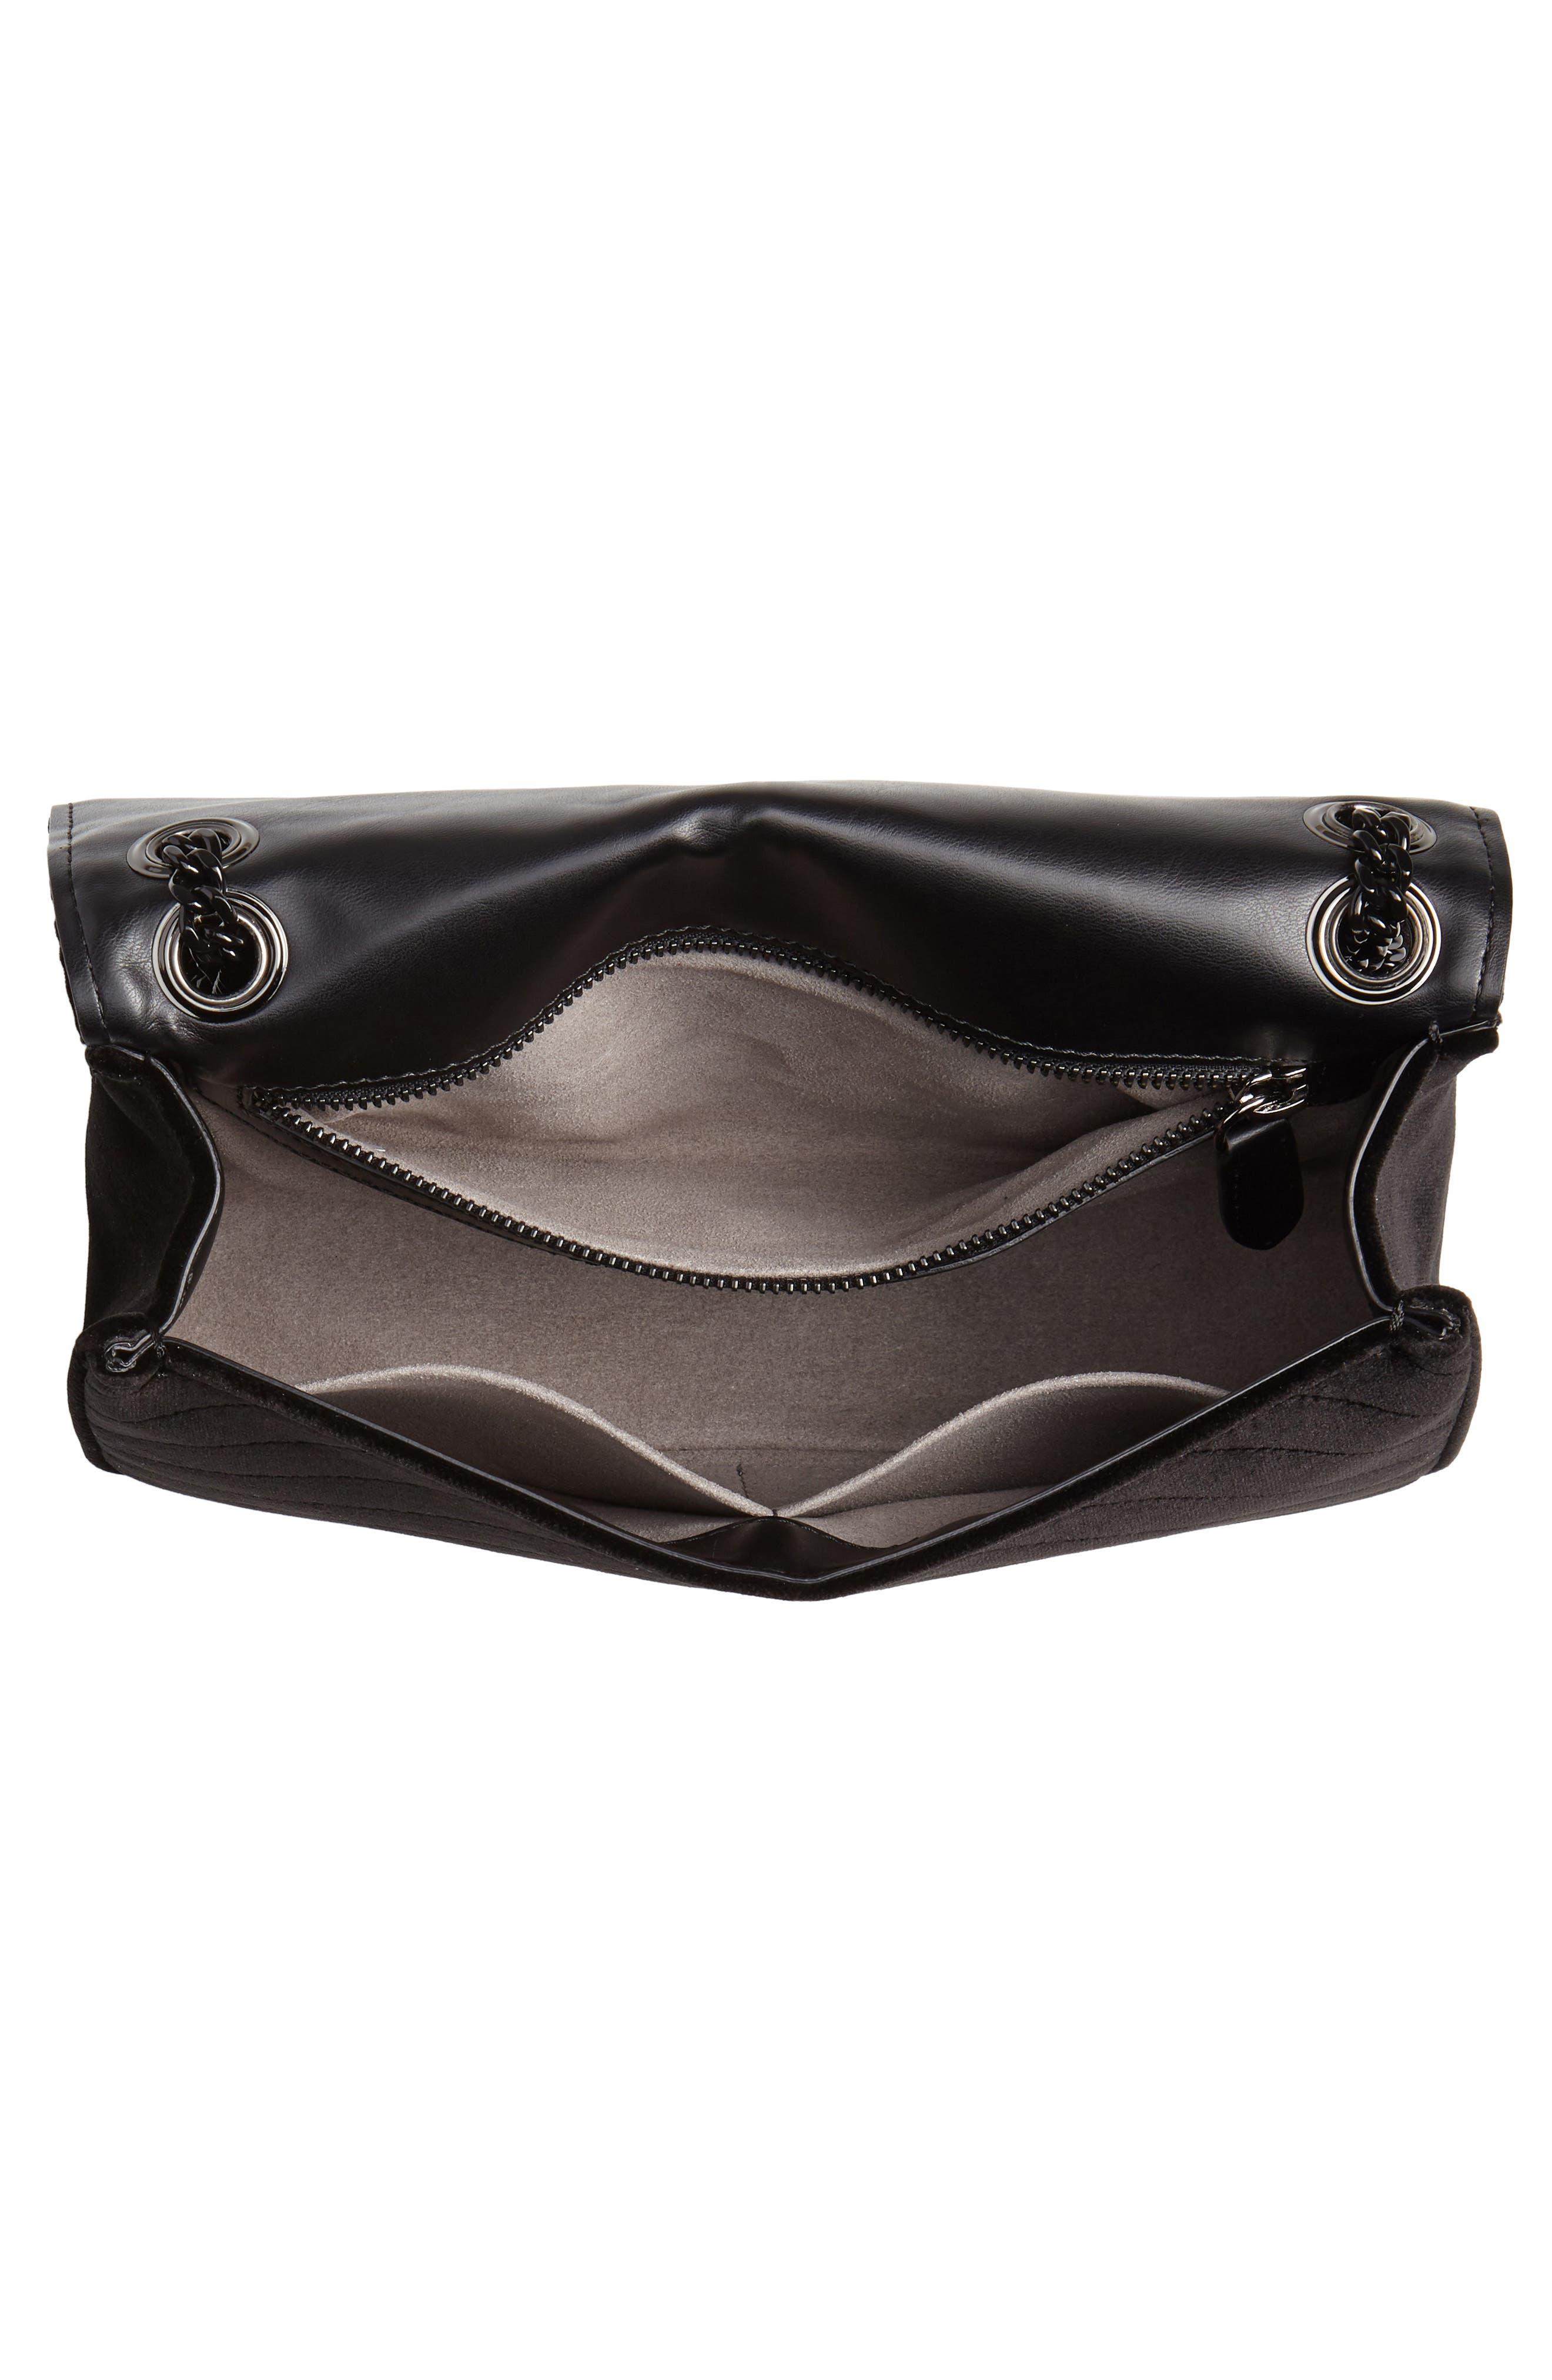 Medium Velvet Star Shoulder Bag,                             Alternate thumbnail 4, color,                             BLACK